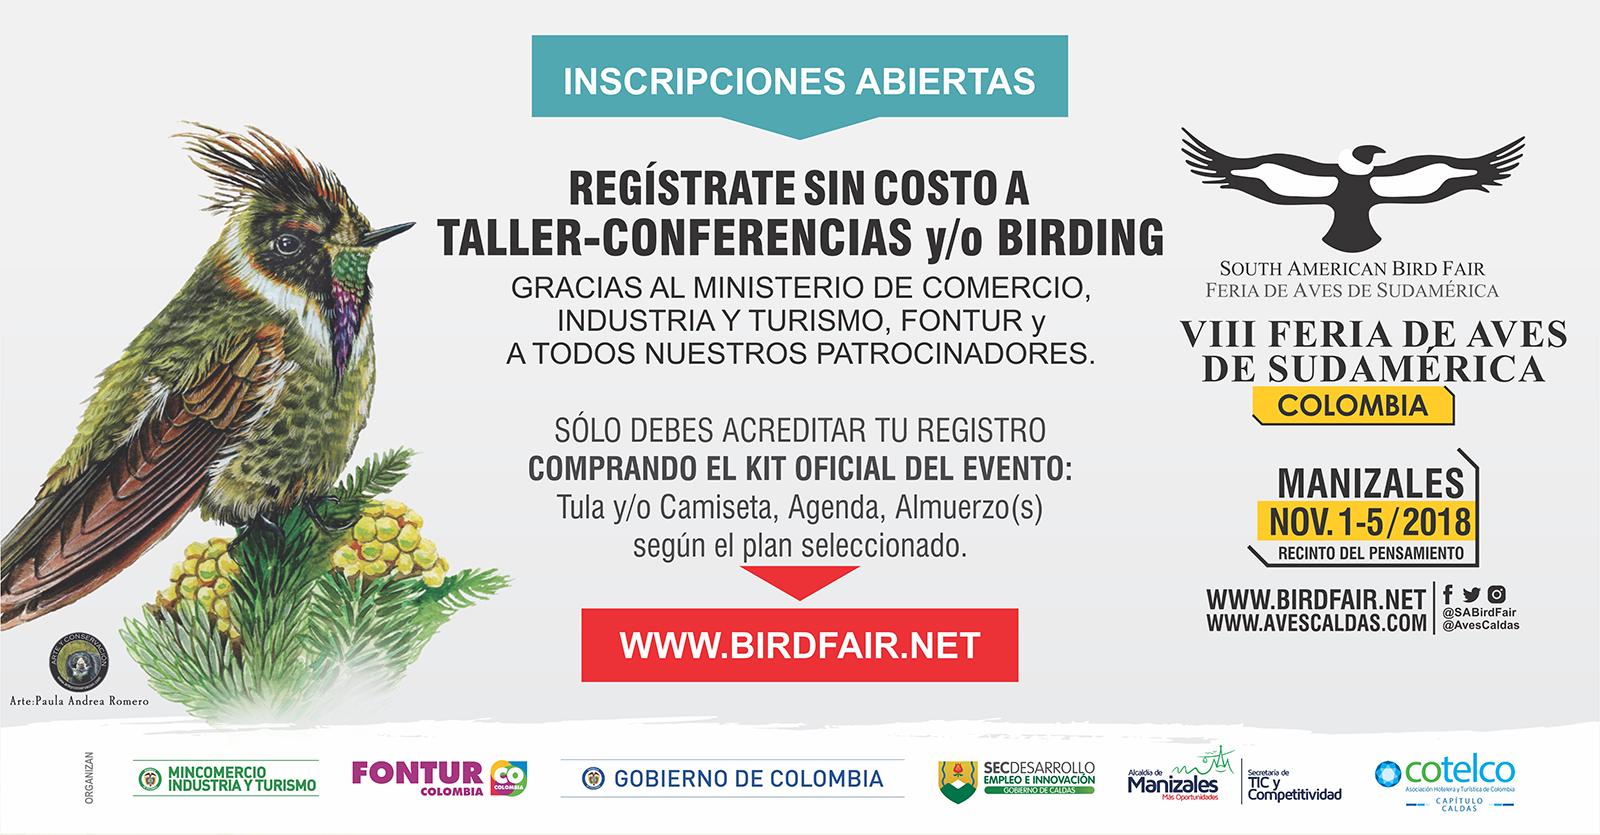 Inscripciones Abiertas VIII Feria de Aves de Sudamérica Colombia